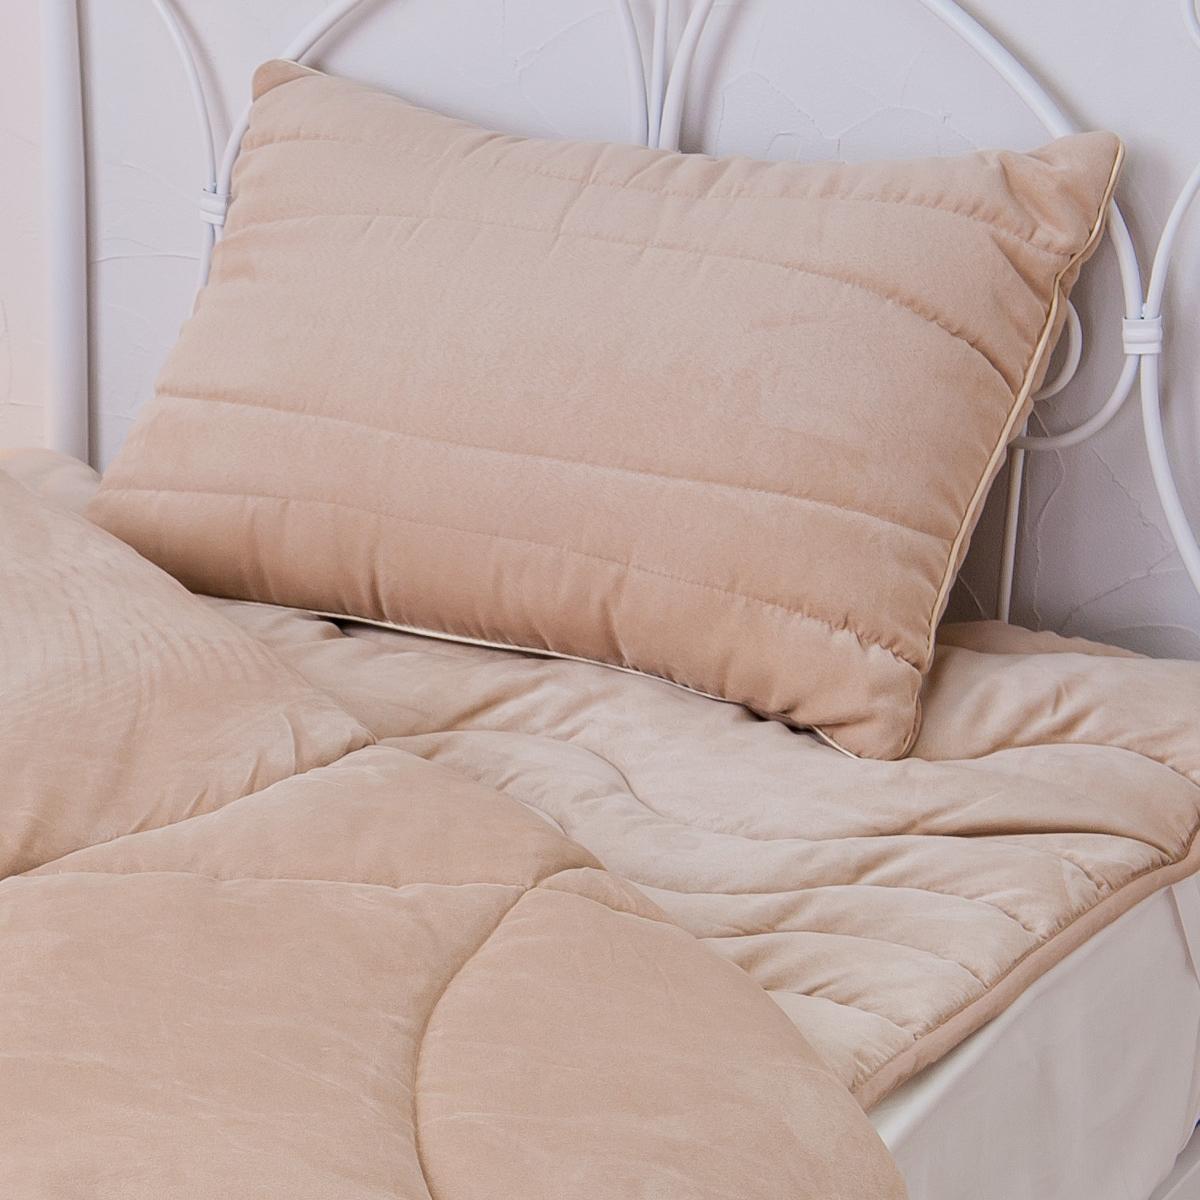 深呼吸したくなる「寝具」|掛け布団 (シングル)抗菌機能と乾きやすさを兼ね備えた、丸洗い可能な寝具|ベルクラウド